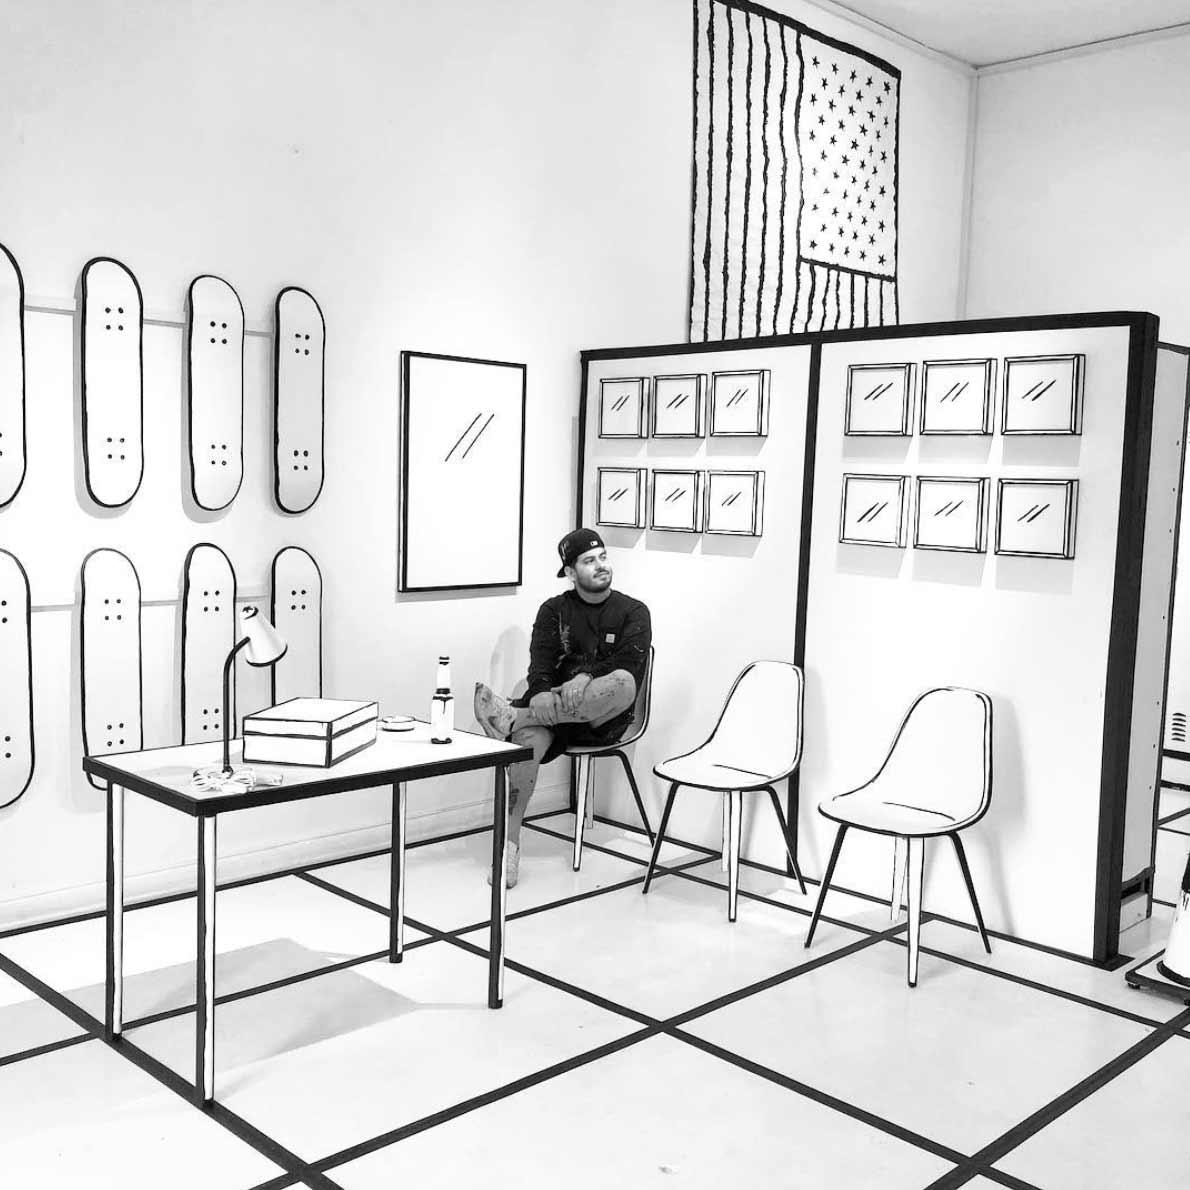 Joshua Vides macht Gegenstände zu Zeichnungen reality-to-idea-joshua-vides_08